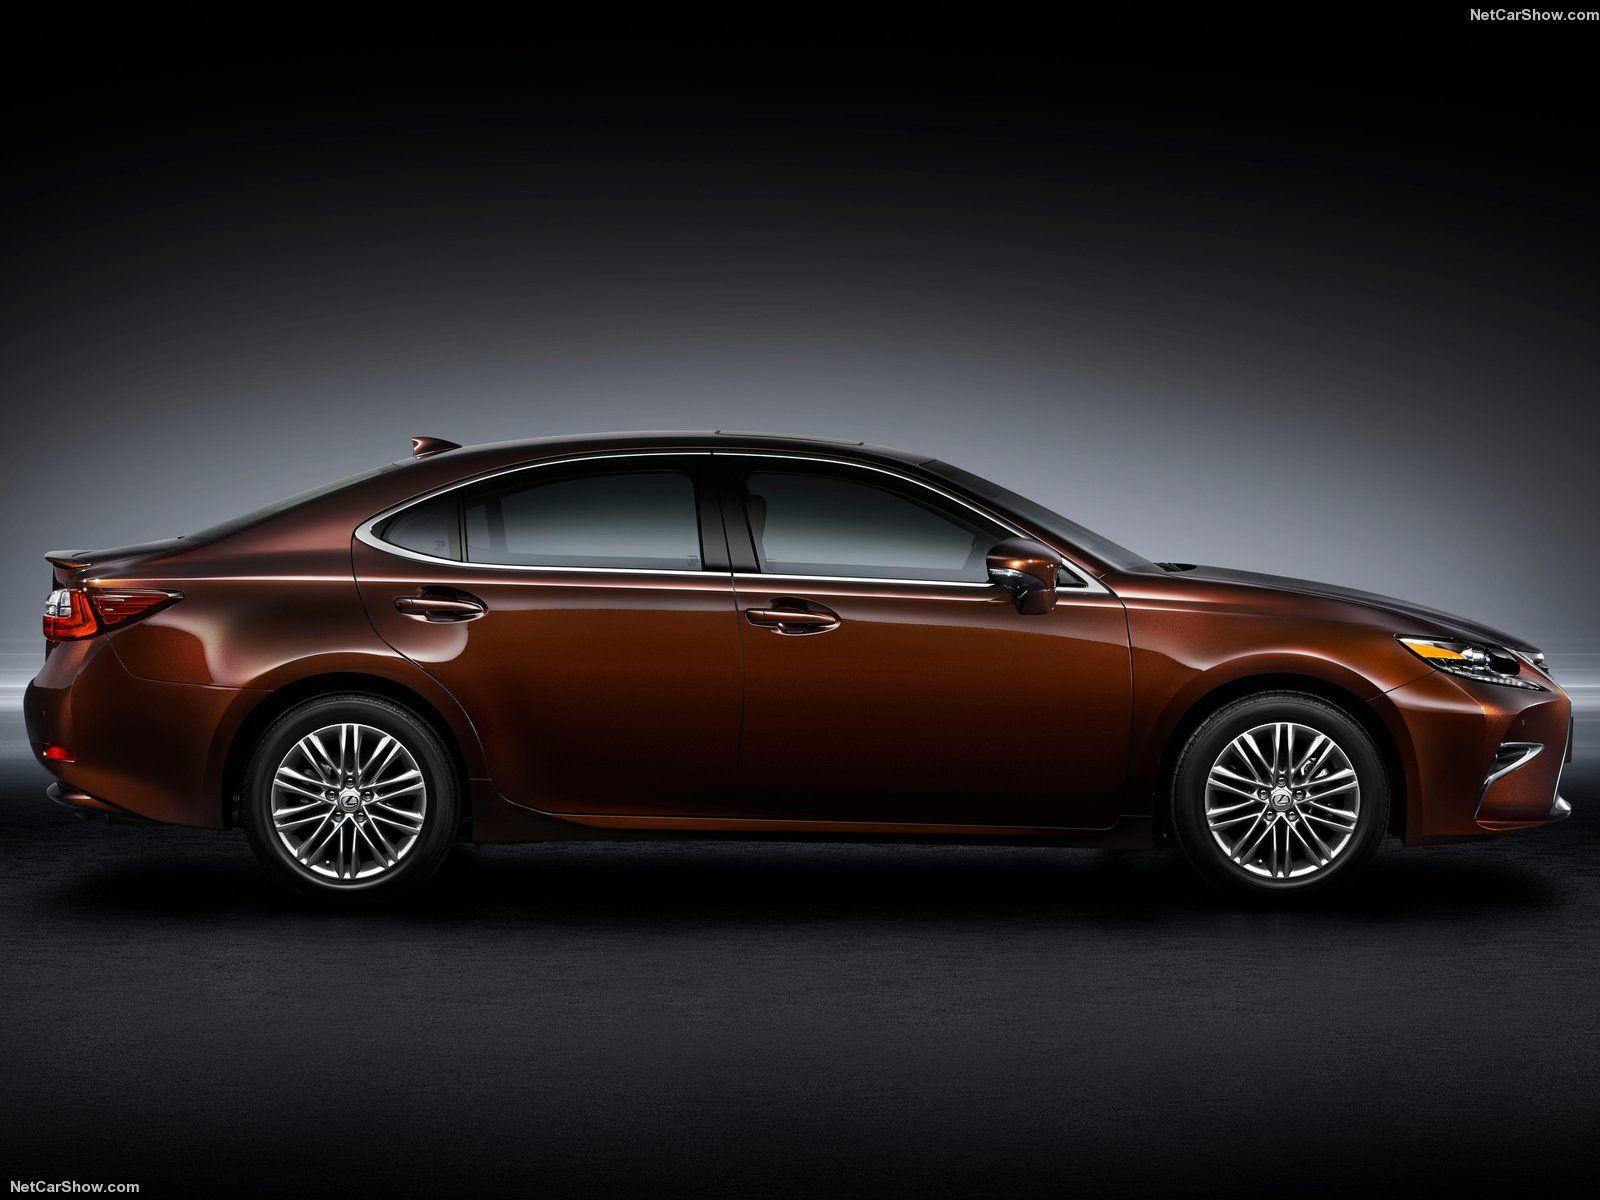 2016 Lexus ES Lexus es, Lexus, Luxury cars